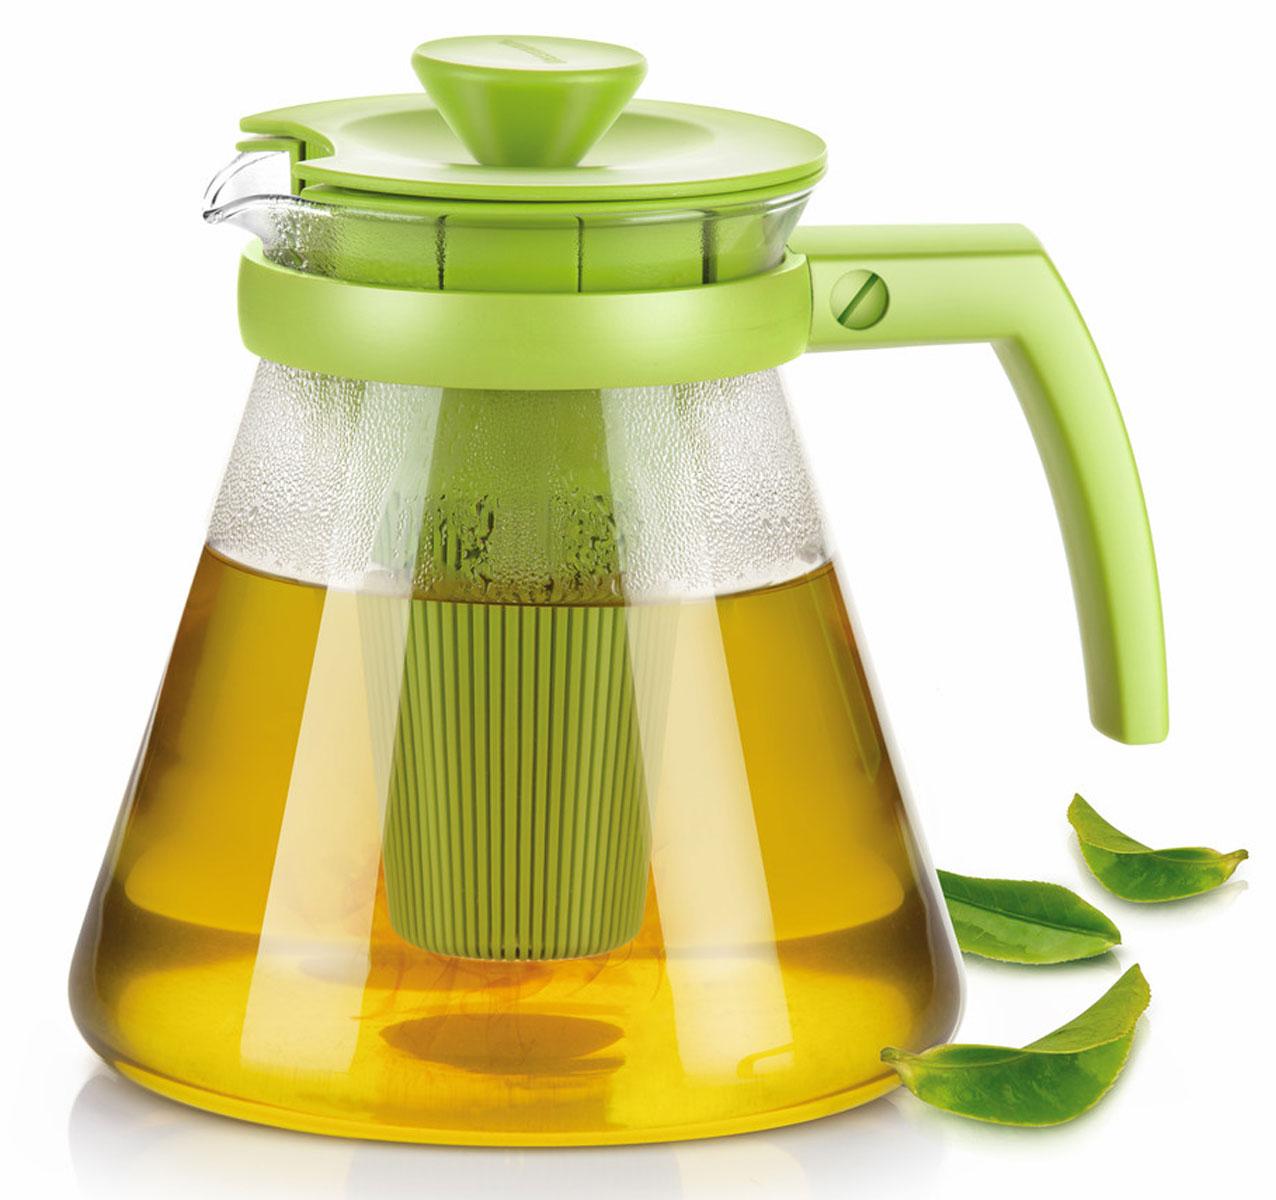 Чайник заварочный Tescoma Teo Tone, с ситечком, цвет: салатовый, прозрачный, 1,7 л646625.25Чайник заварочный Tescoma Teo Tone предназначендля подготовки и сервировки всех видов чая и чайныхнапитков. Чайник снабжен глубоким ситечком длязаваривания свежей мяты, мелиссы, имбиря, сушеногошиповника, фруктов, а также очень густым ситечком длязаваривания всех видов рассыпного чая. Корпус чайникаизготовлен из термостойкого боросиликатного стекла,поэтому его можно ставить на плиту. Ручка, крышка иситечко изготовлены из прочного пластика.Чайник подходит для газовых, электрических истеклокерамических плит, микроволновой печи. Нерекомендуется мыть в посудомоечной машине.Инструкция по использованию внутри упаковки.Диаметр (по верхнему краю): 10 см.Диаметр основания: 16 см.Высота: 18 см.